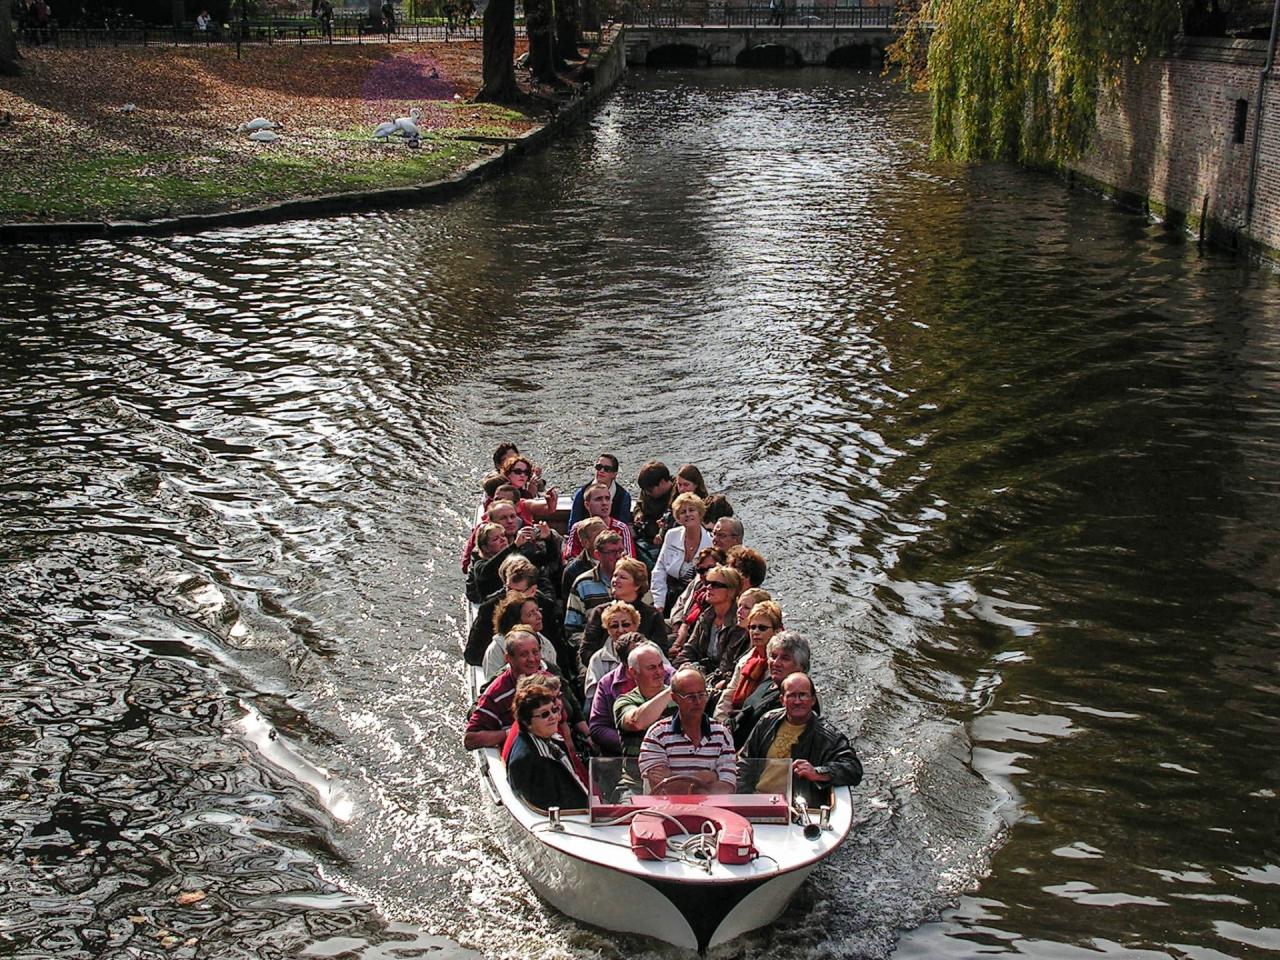 33-ма в една лодка